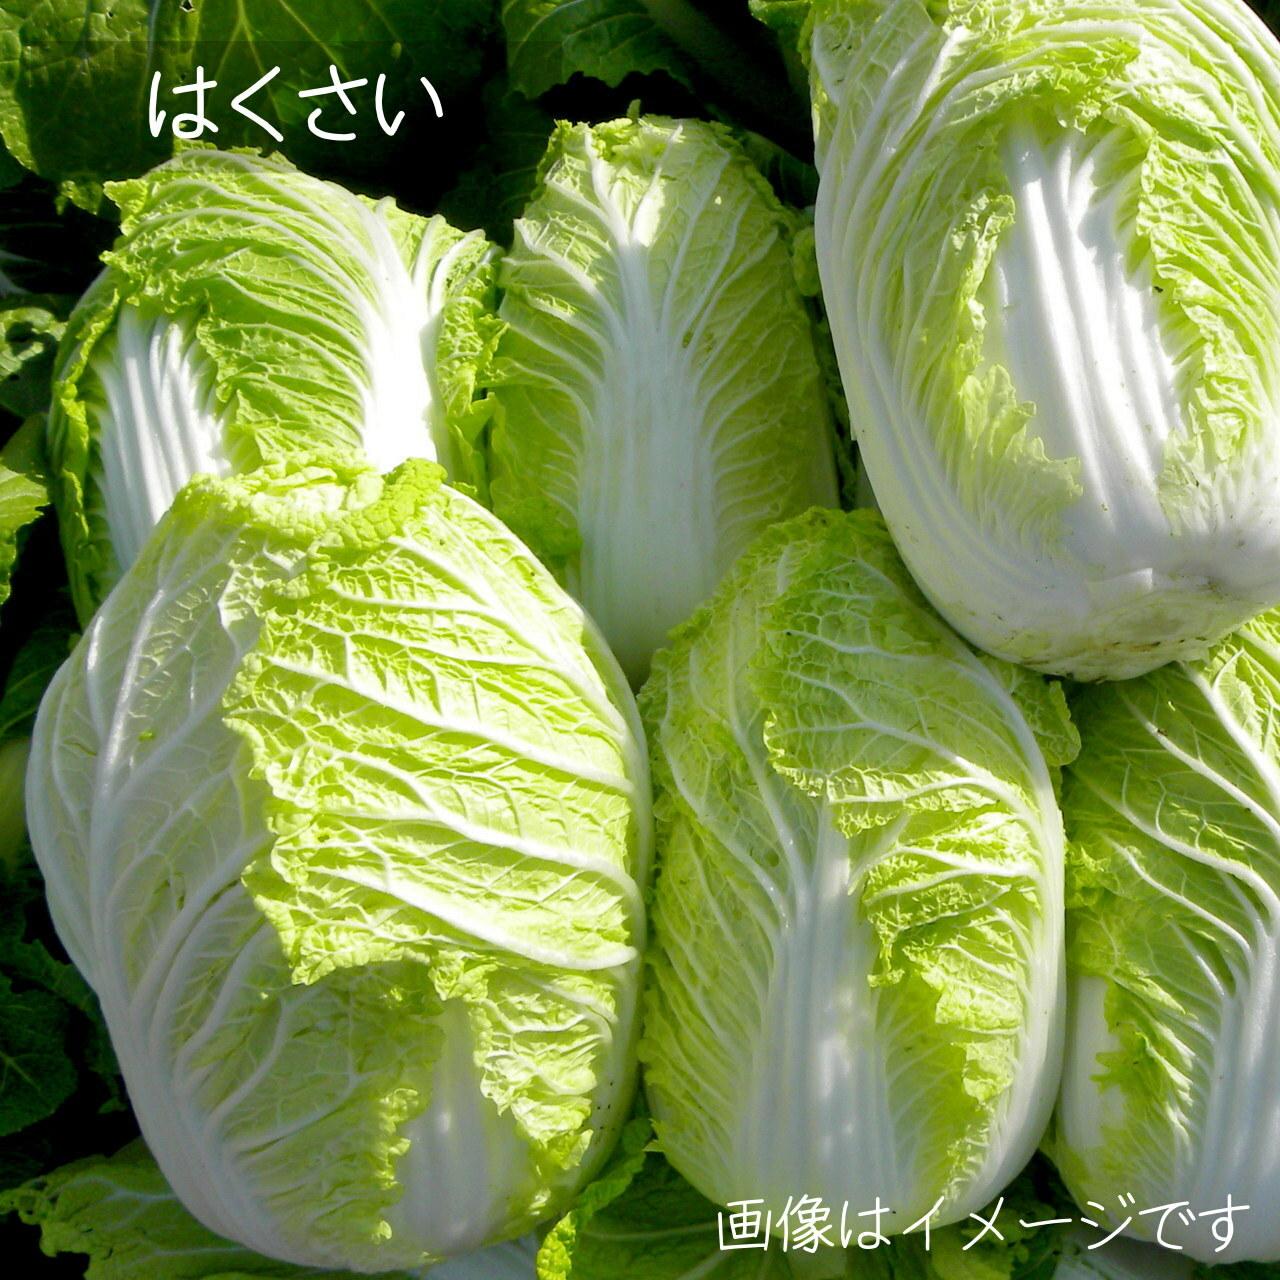 11月の朝採り直売野菜 : 白菜 1個 新鮮な秋野菜 11月14日発送予定